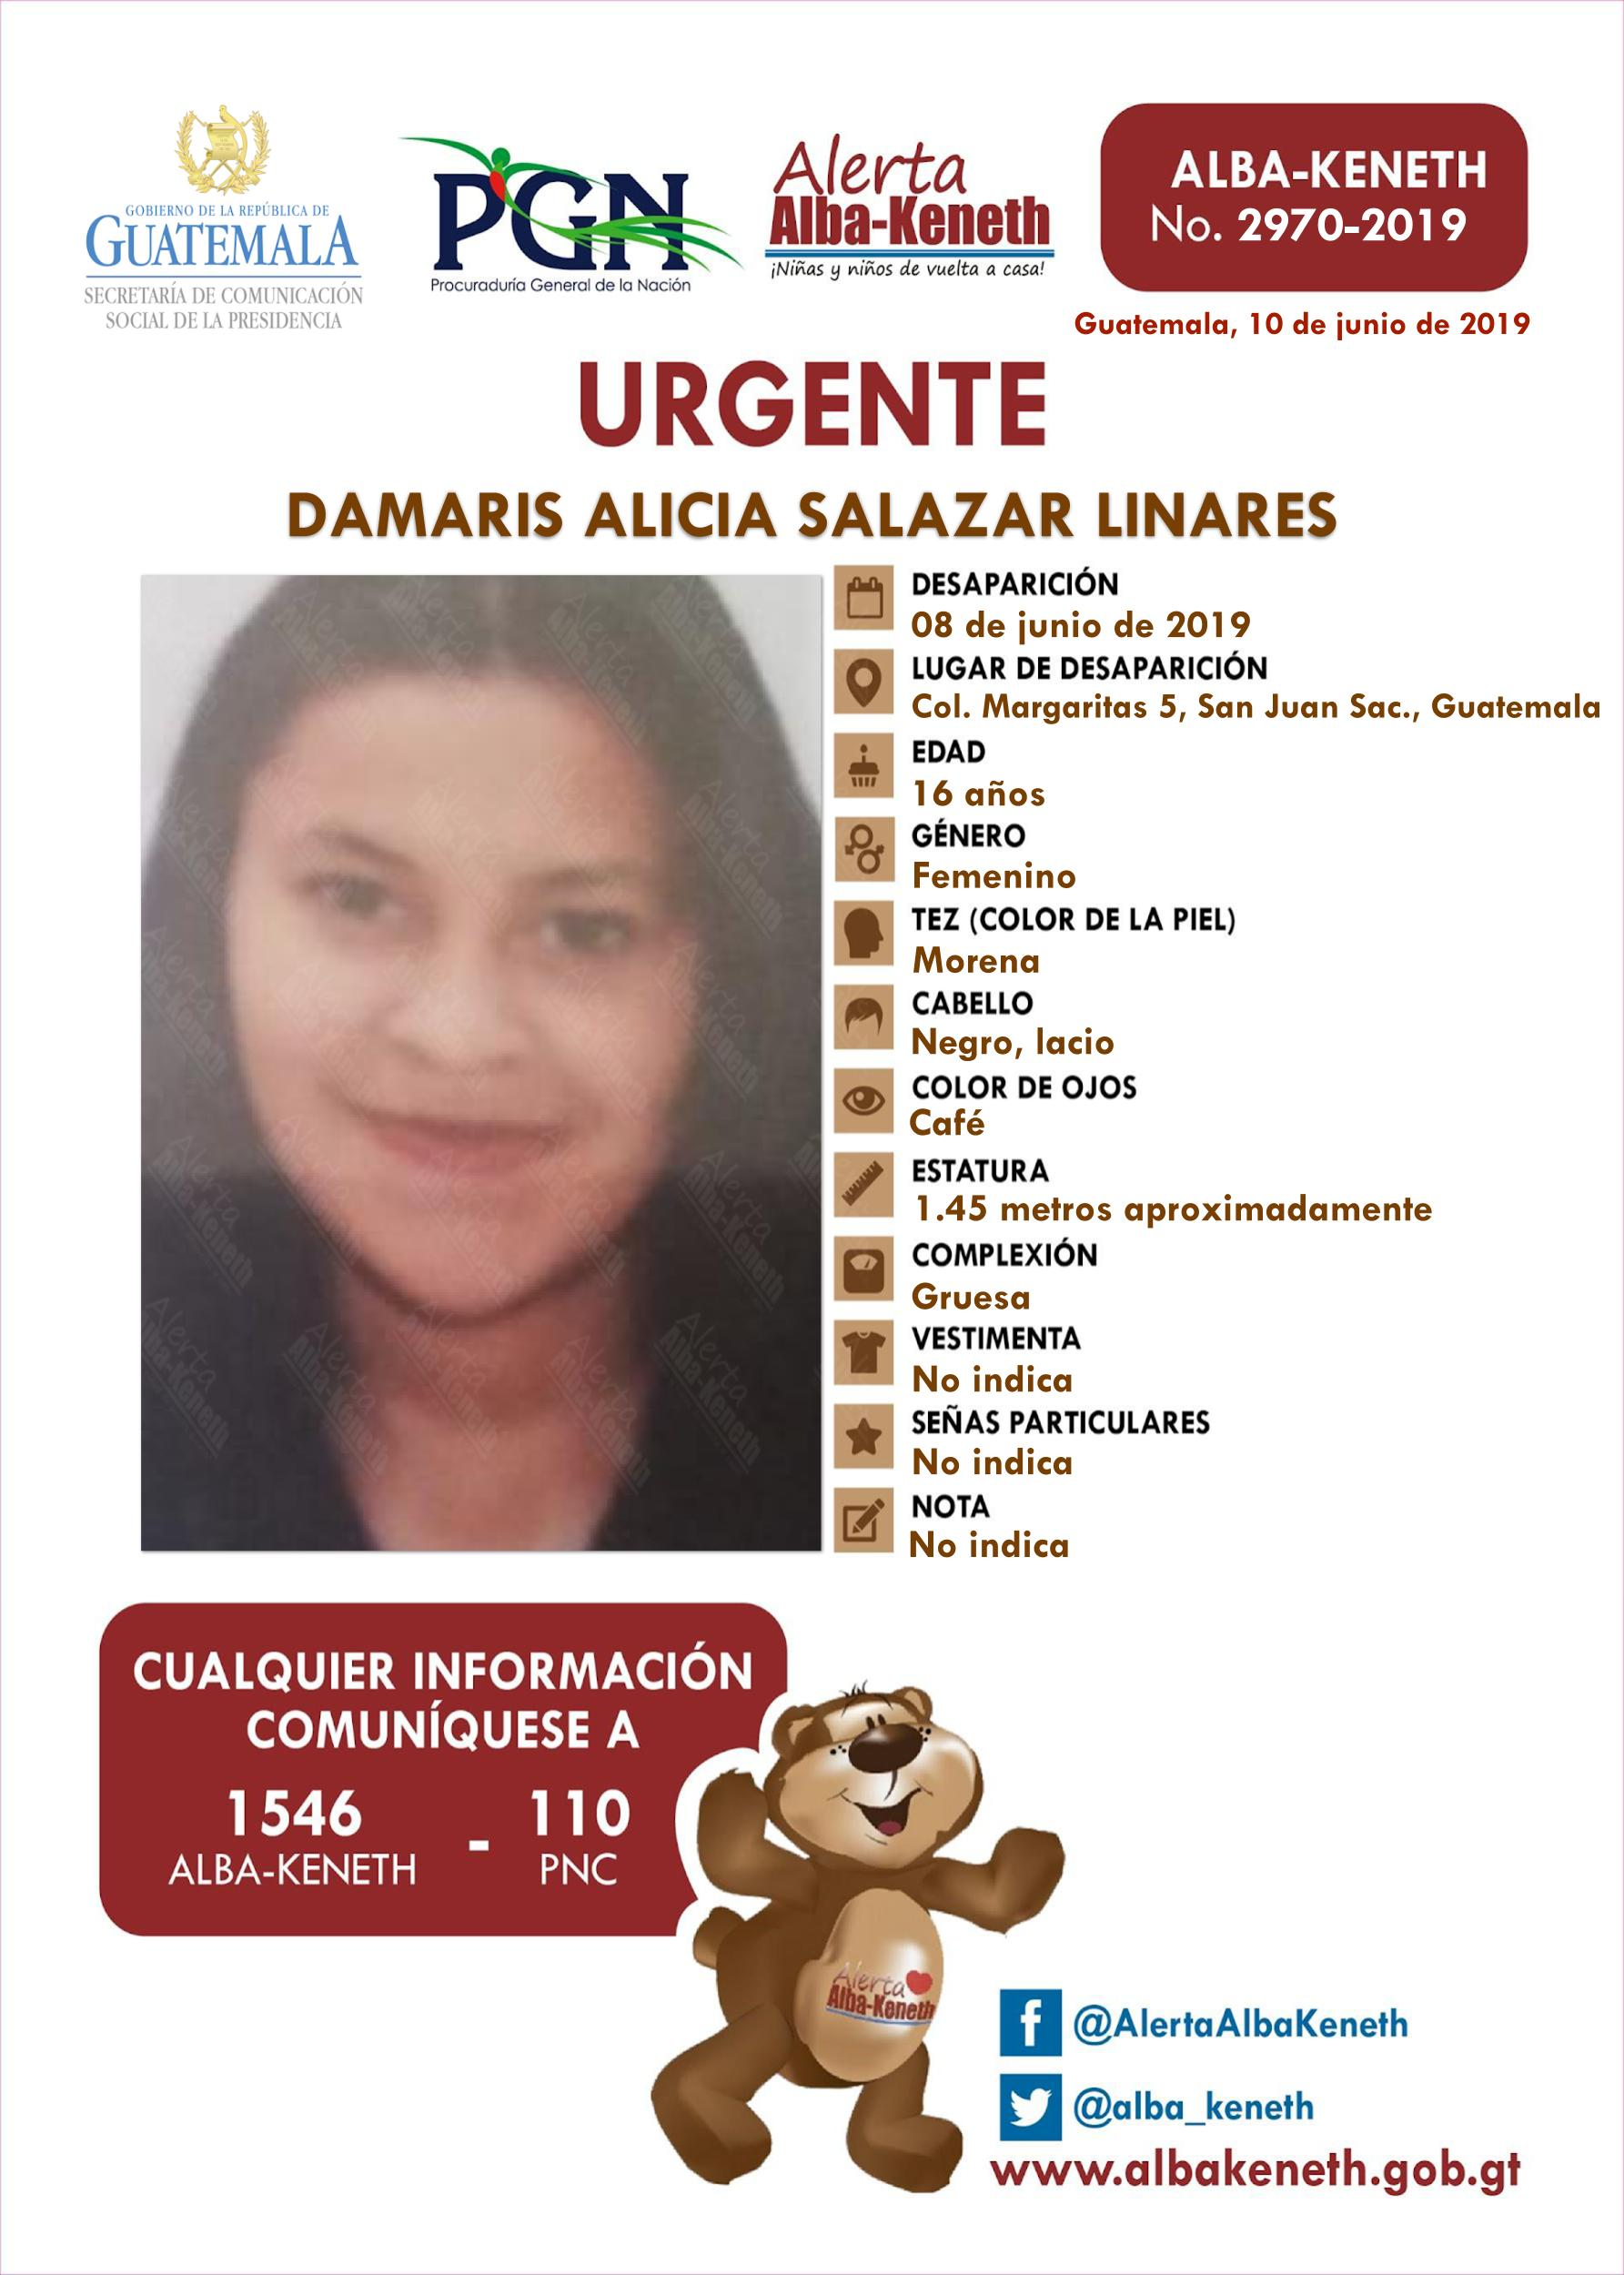 Damaris Alicia Salazar Linares